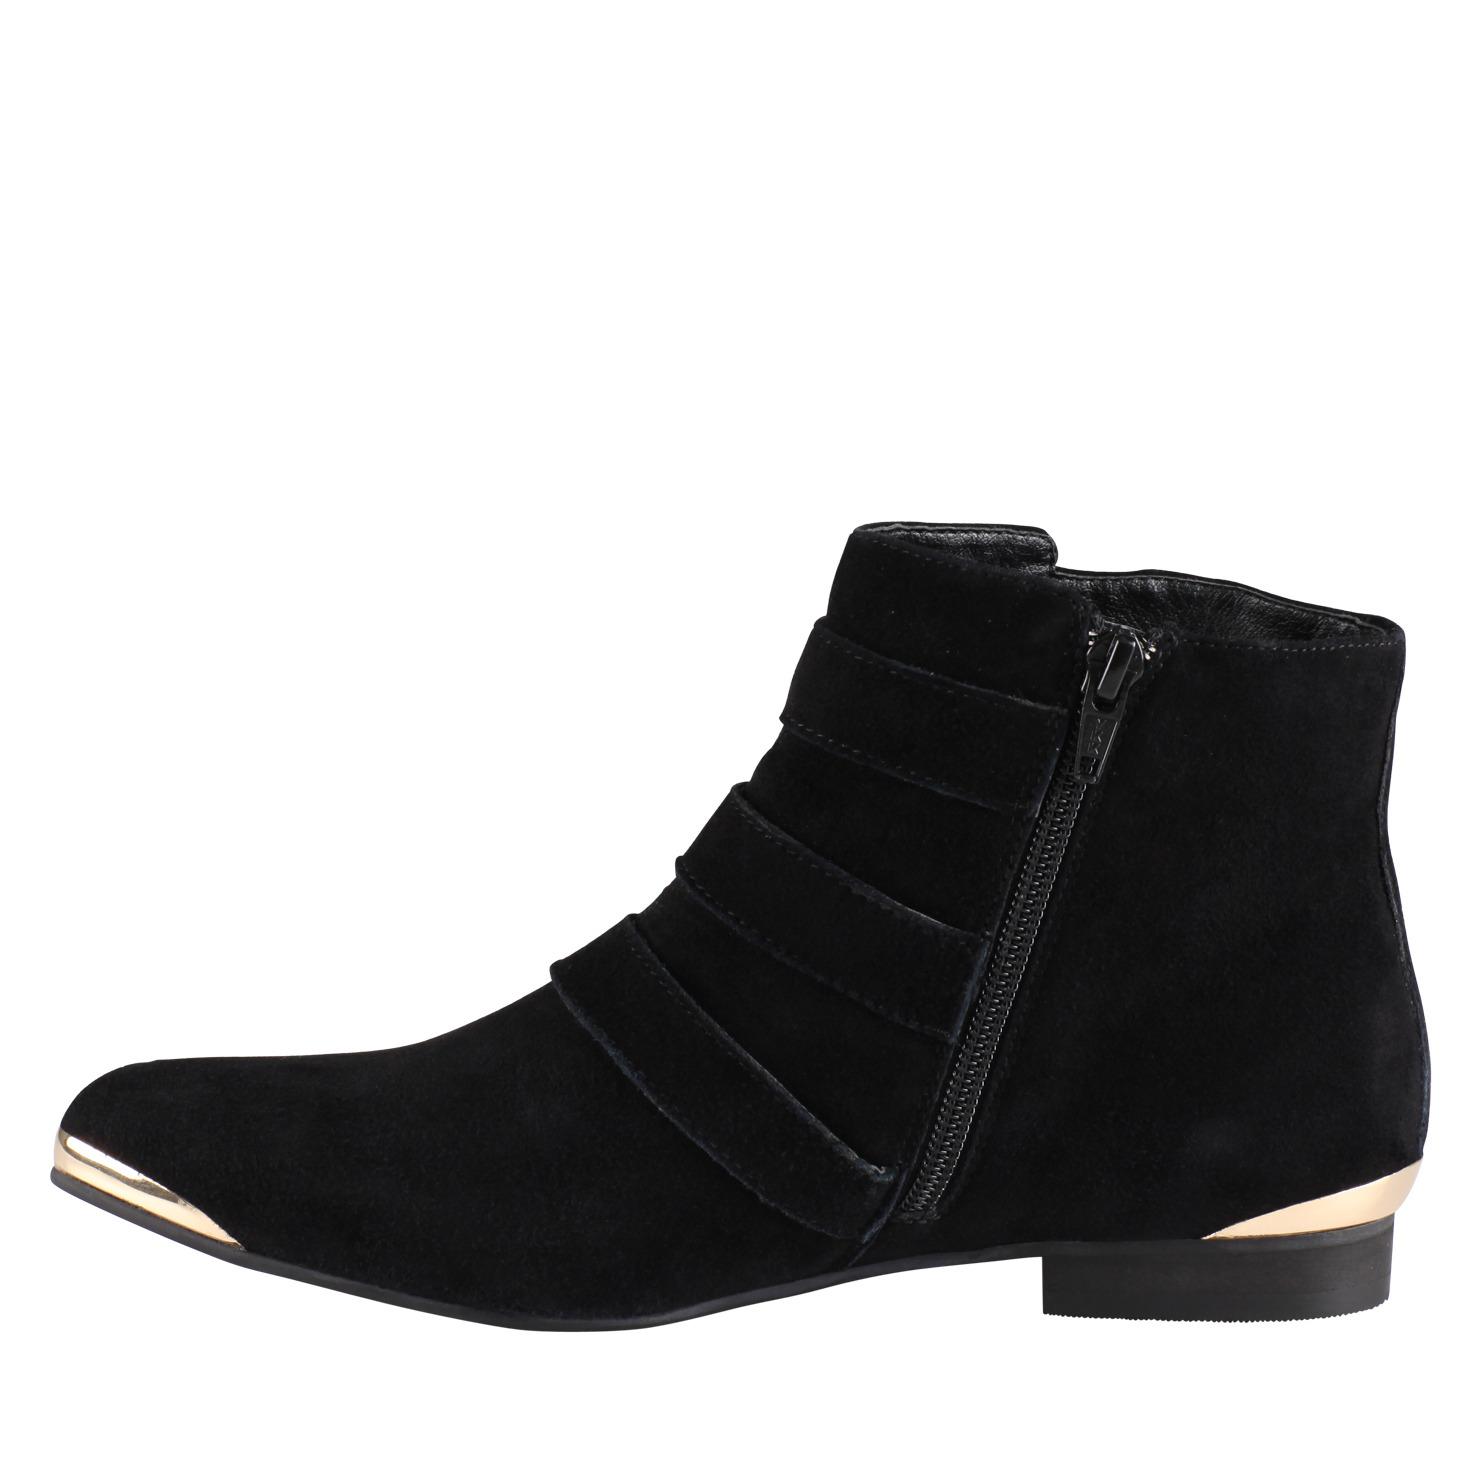 ALDO Flojoey Boots in Black Suede (Black)